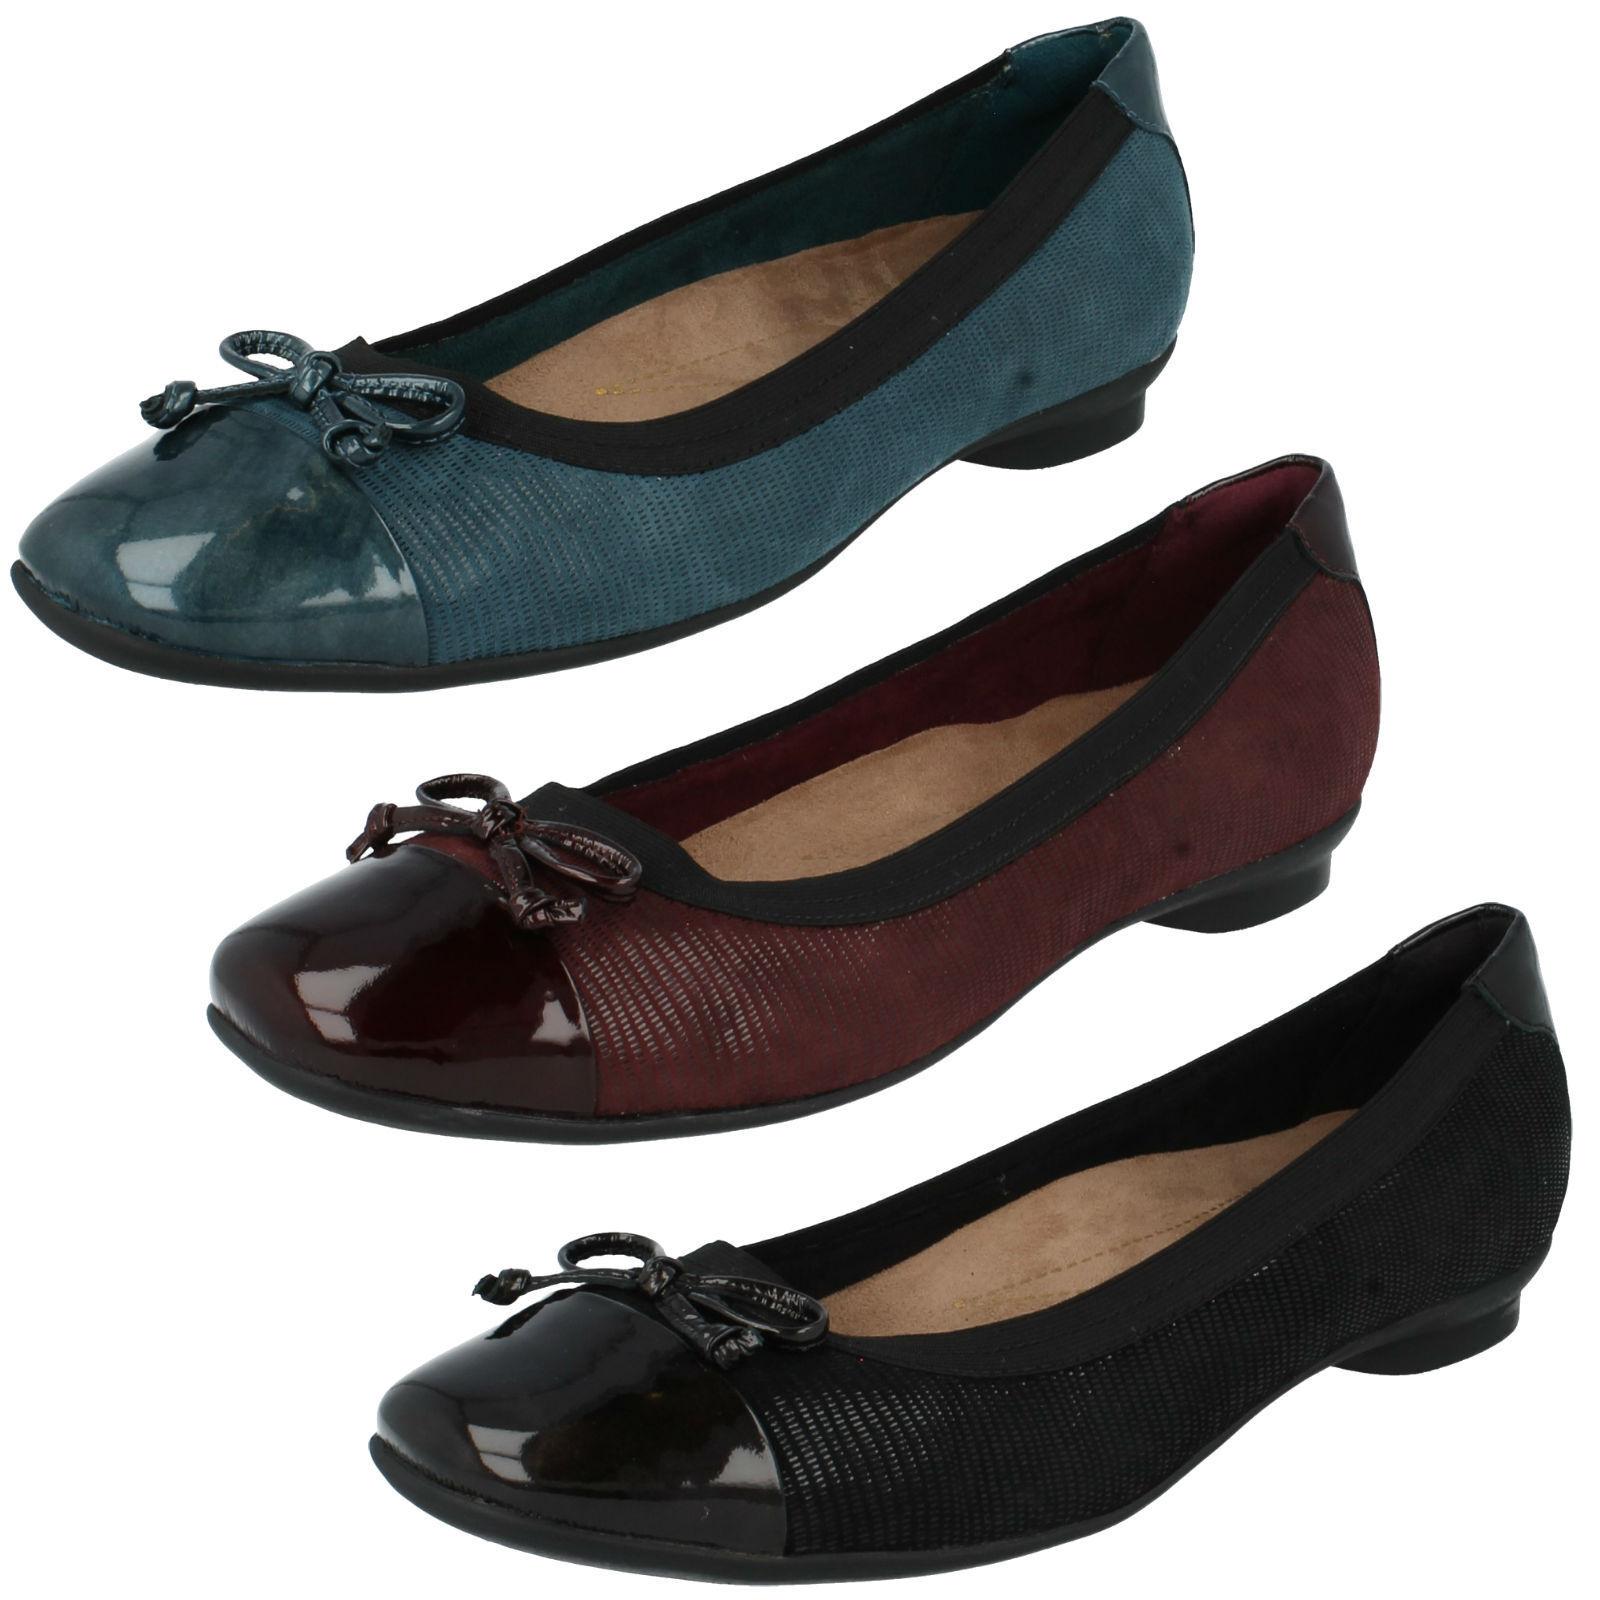 Verkauf Damen Clarks Zehen Lack Schleife Weite Passform flache Ballerinas